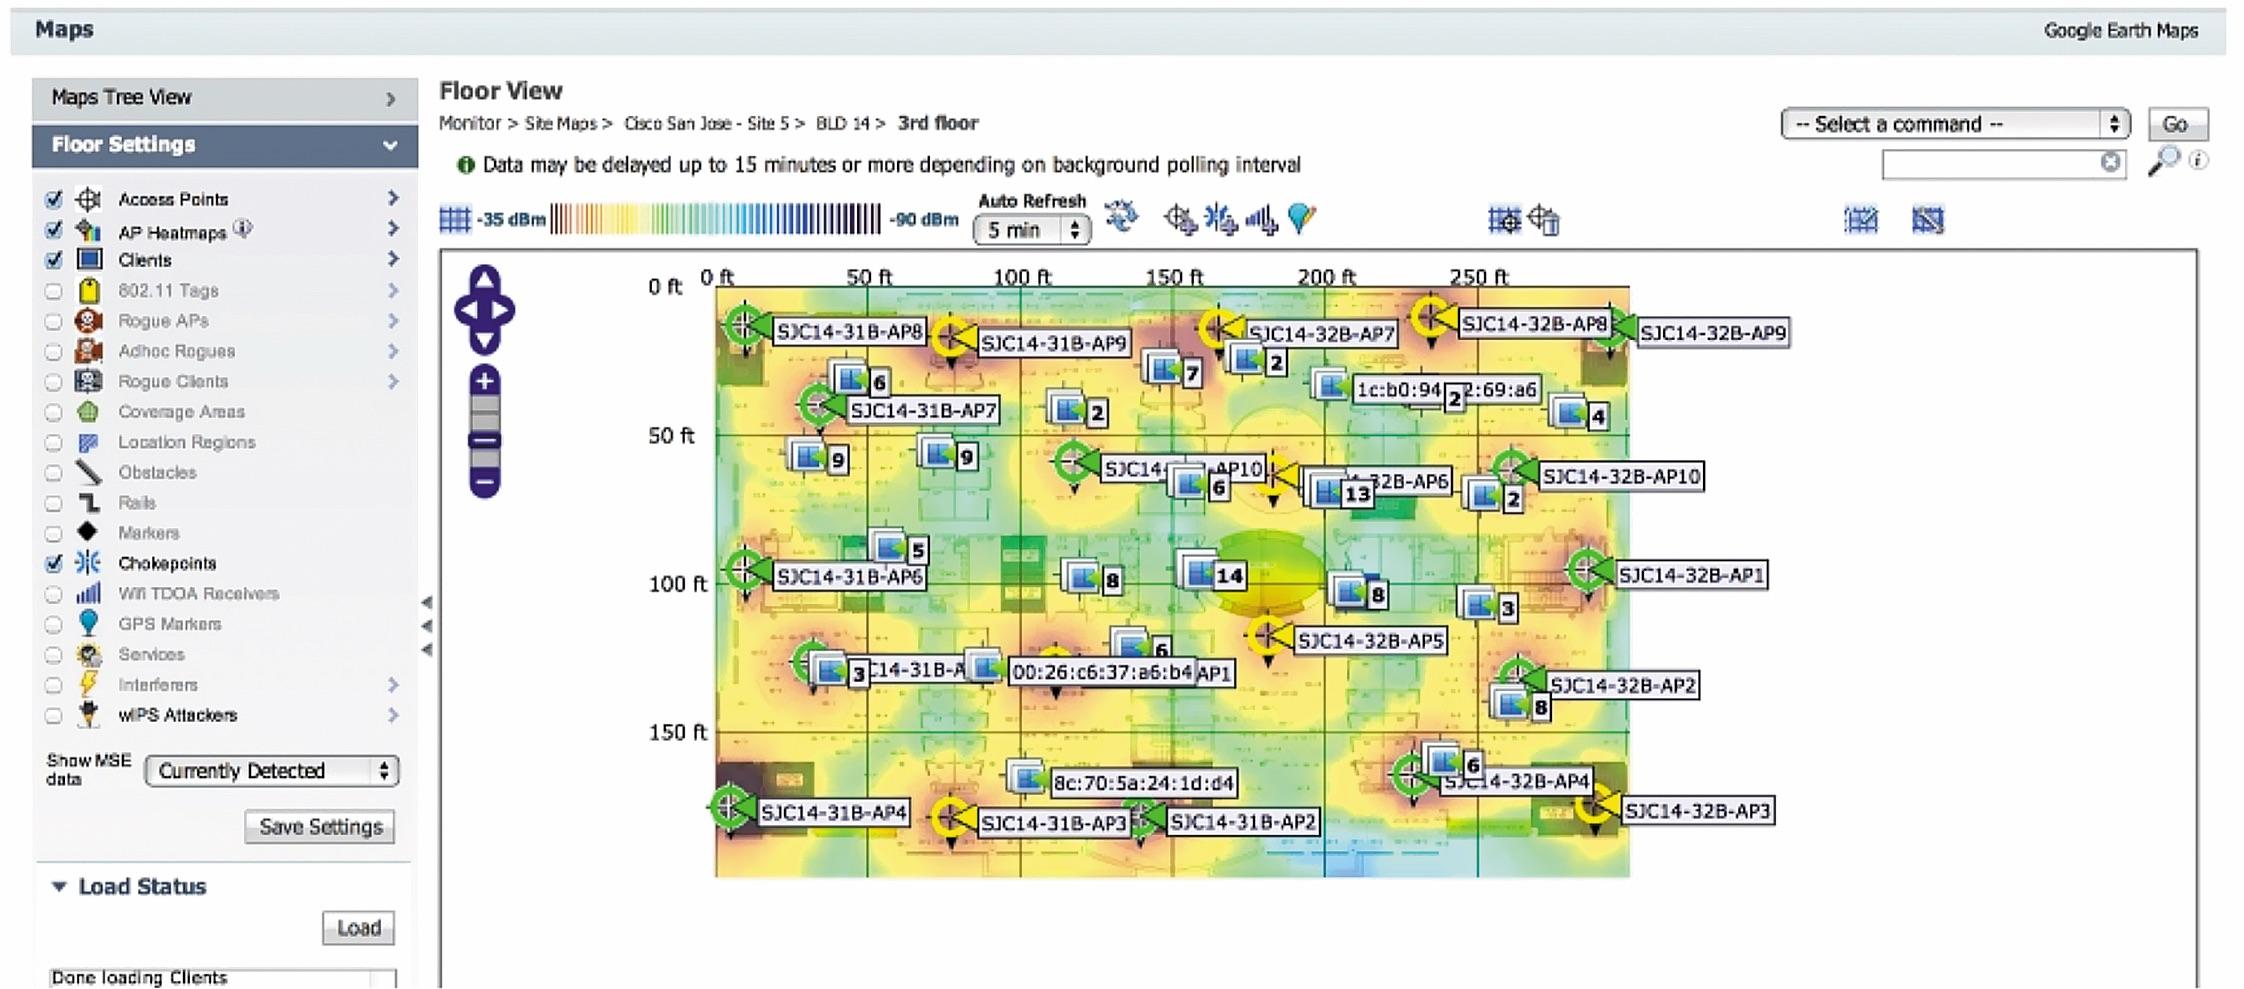 Пример карты с клиентами